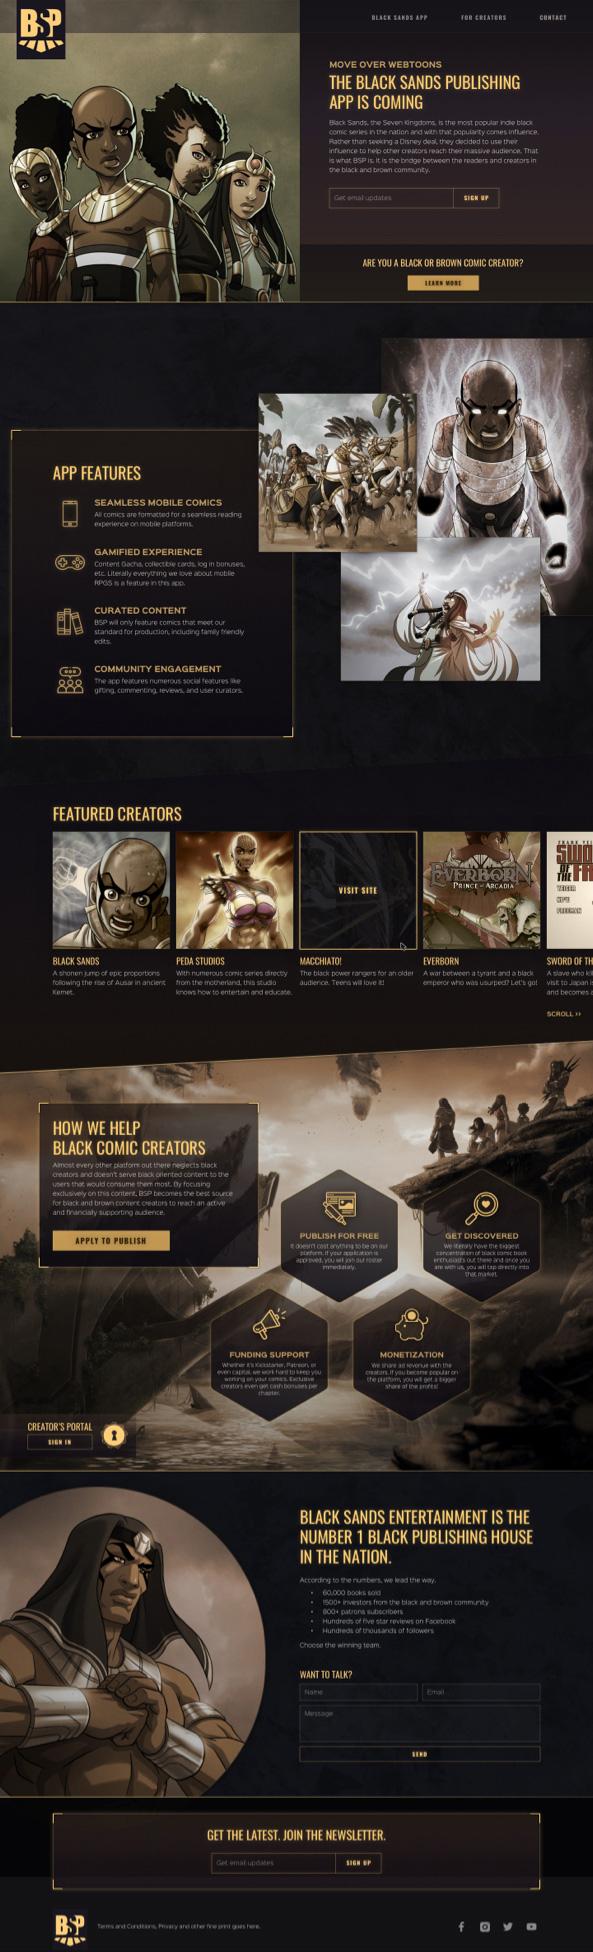 Website design of the Black Sands Publishing marketing site